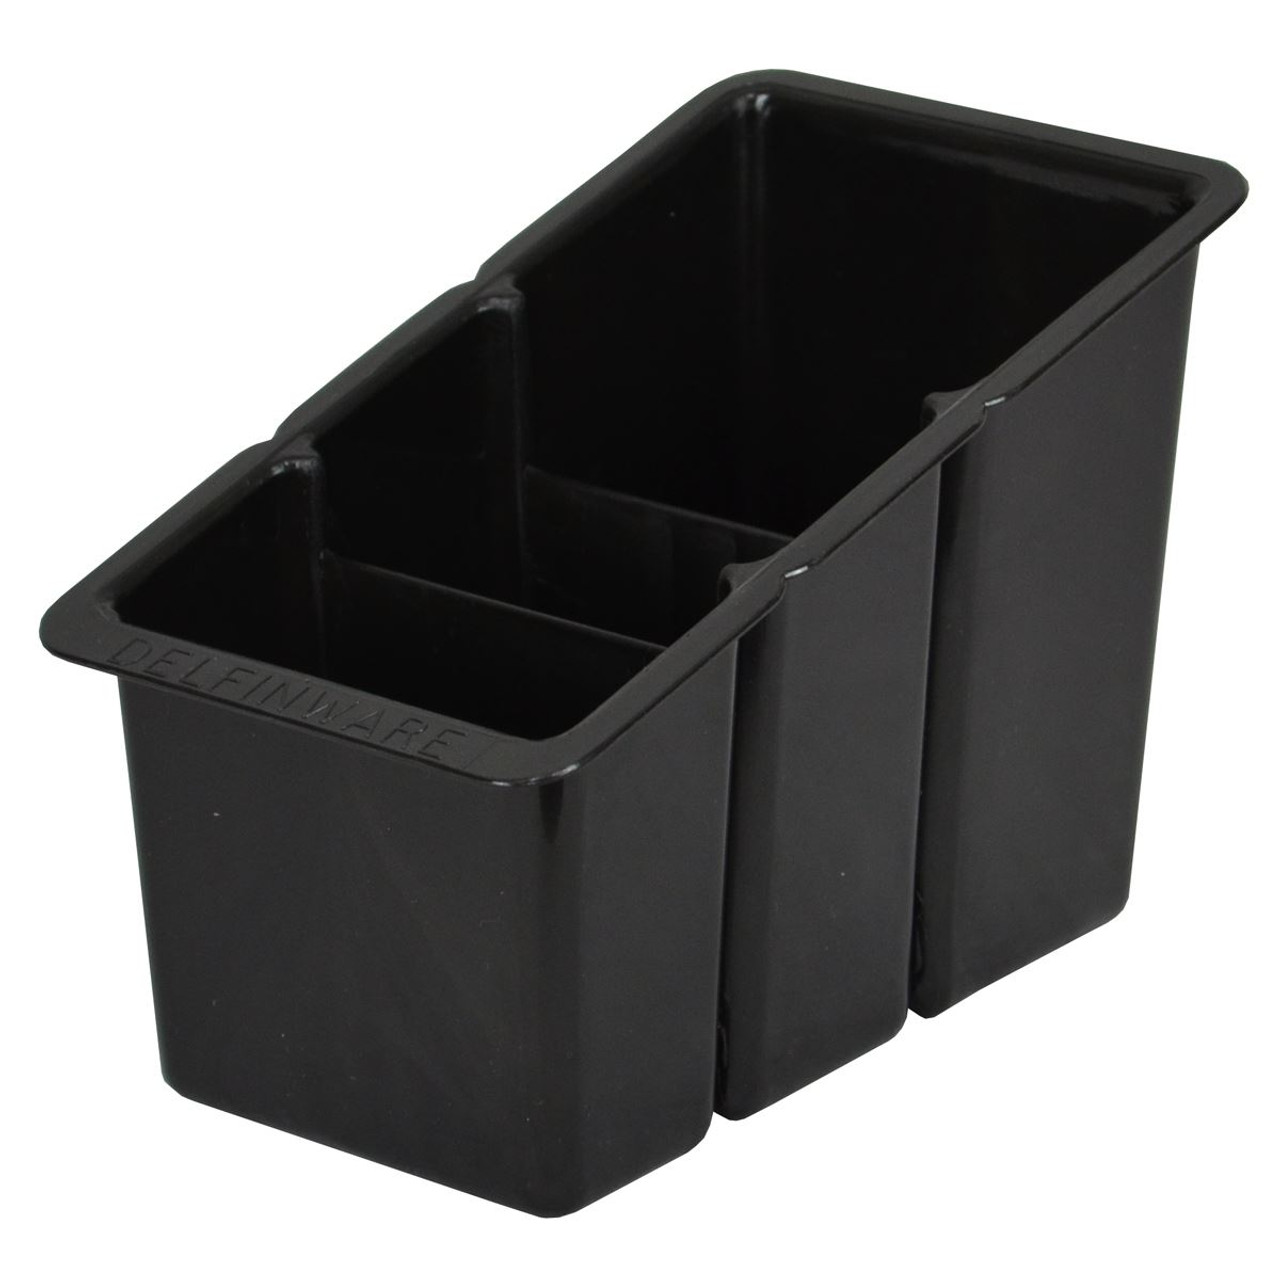 Delfinware Cutlery Basket Black